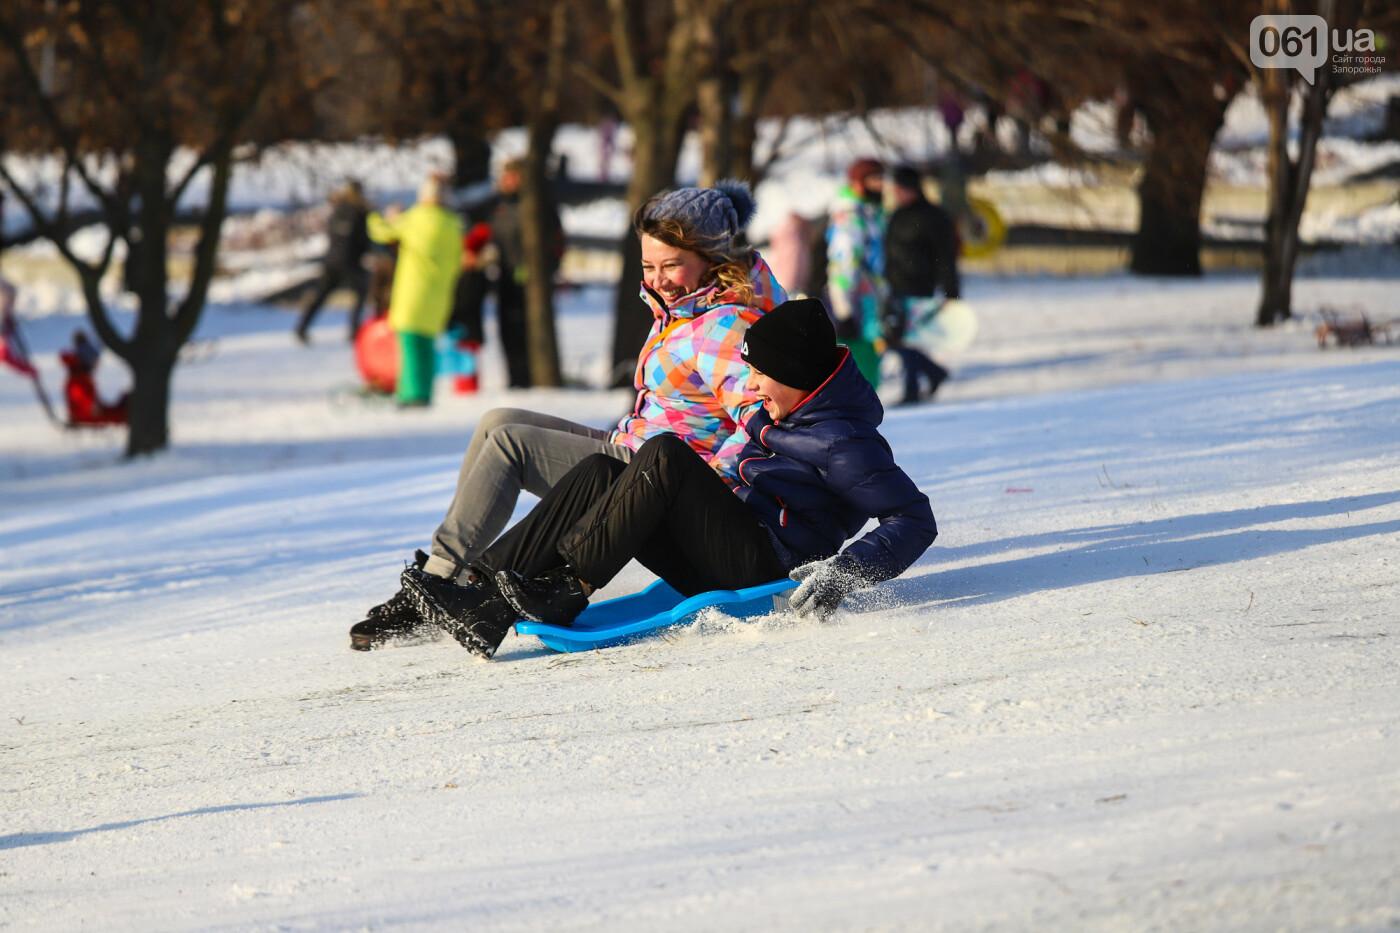 На санках, лыжах и сноуборде: запорожцы устроили массовое катание с горок в Вознесеновском парке, - ФОТОРЕПОРТАЖ, фото-64